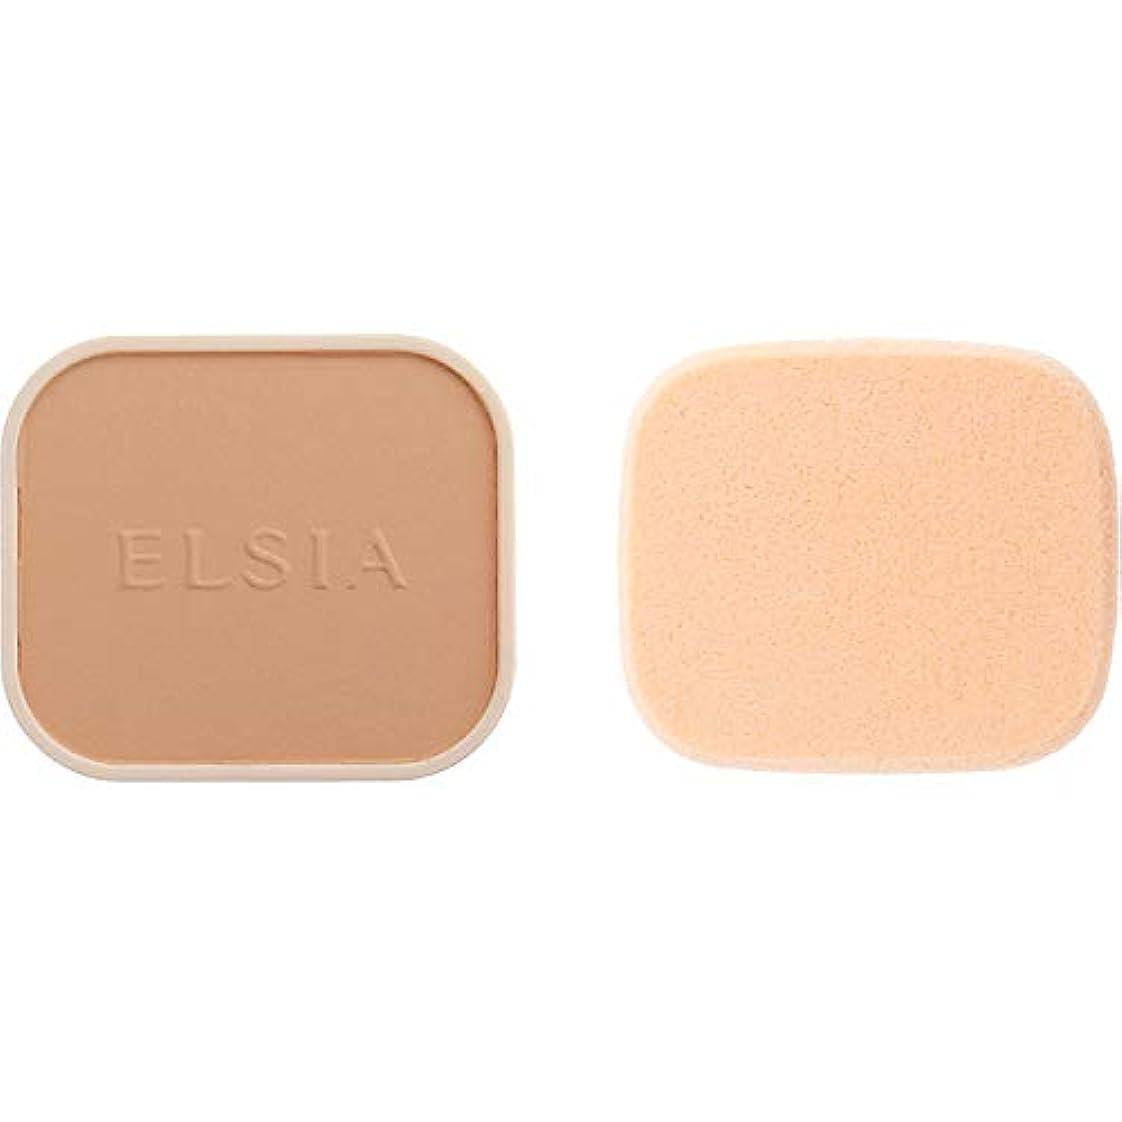 締める宝構成するエルシア プラチナム 化粧のり良好 モイストファンデーション(レフィル) オークル 410 9.3g